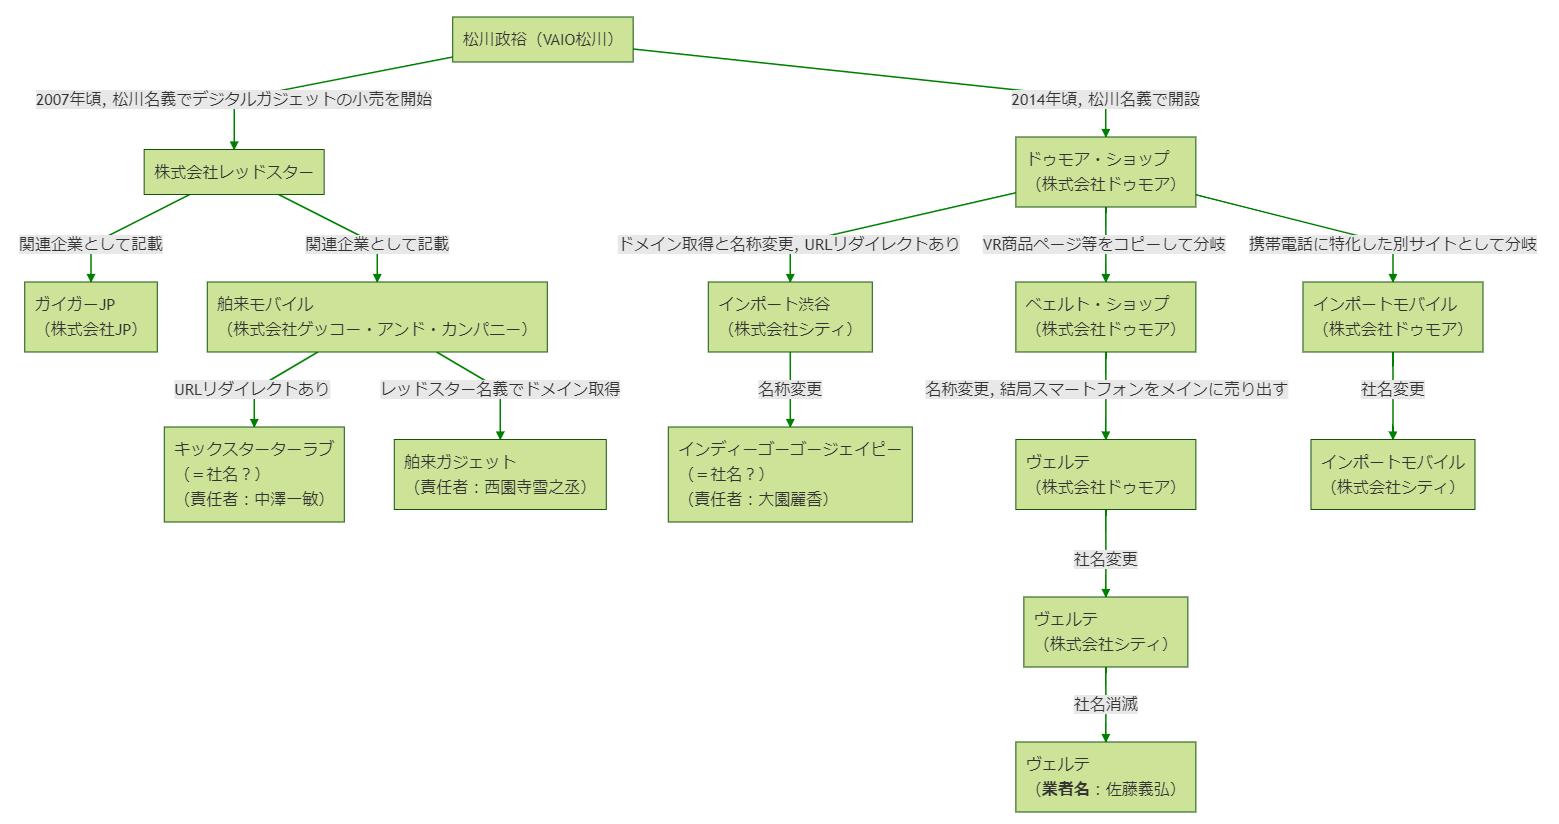 松川サイト群